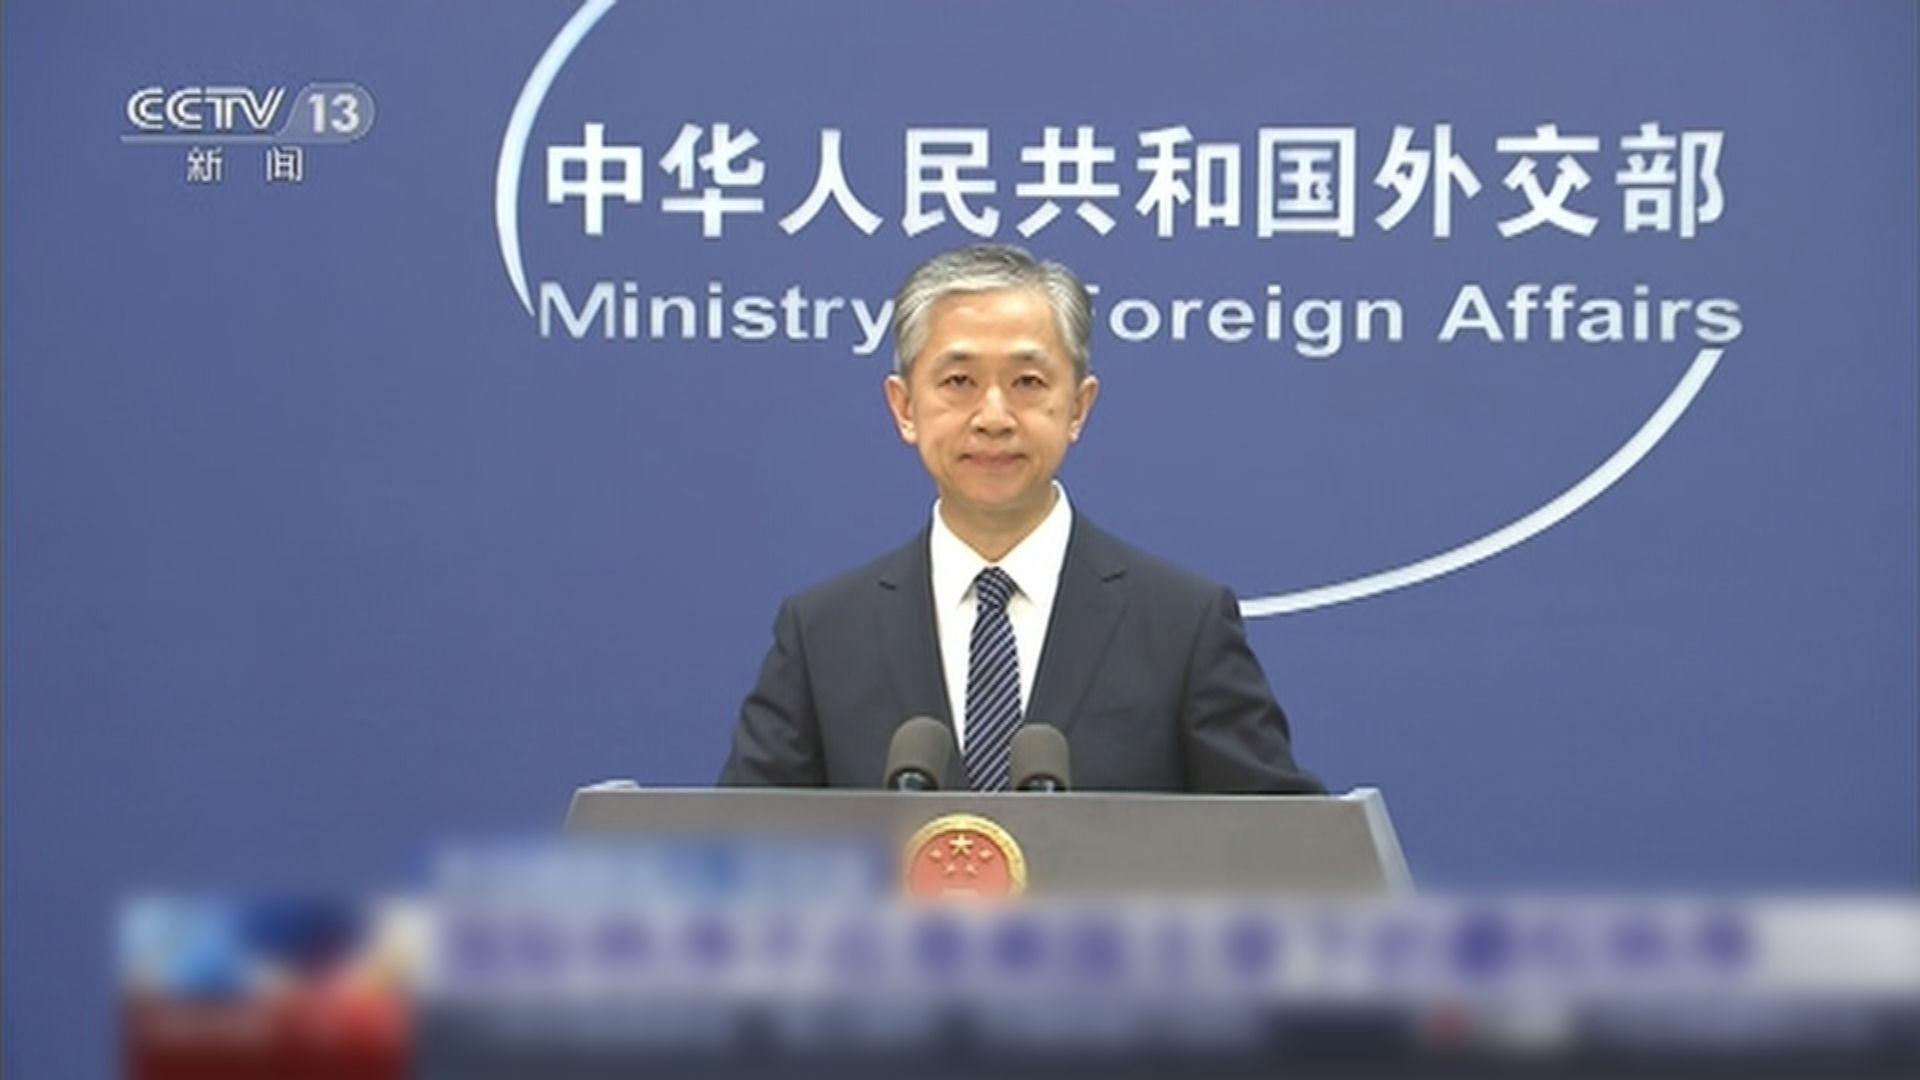 日本防衛官員稱台灣為「民主國家」 北京提嚴正交涉